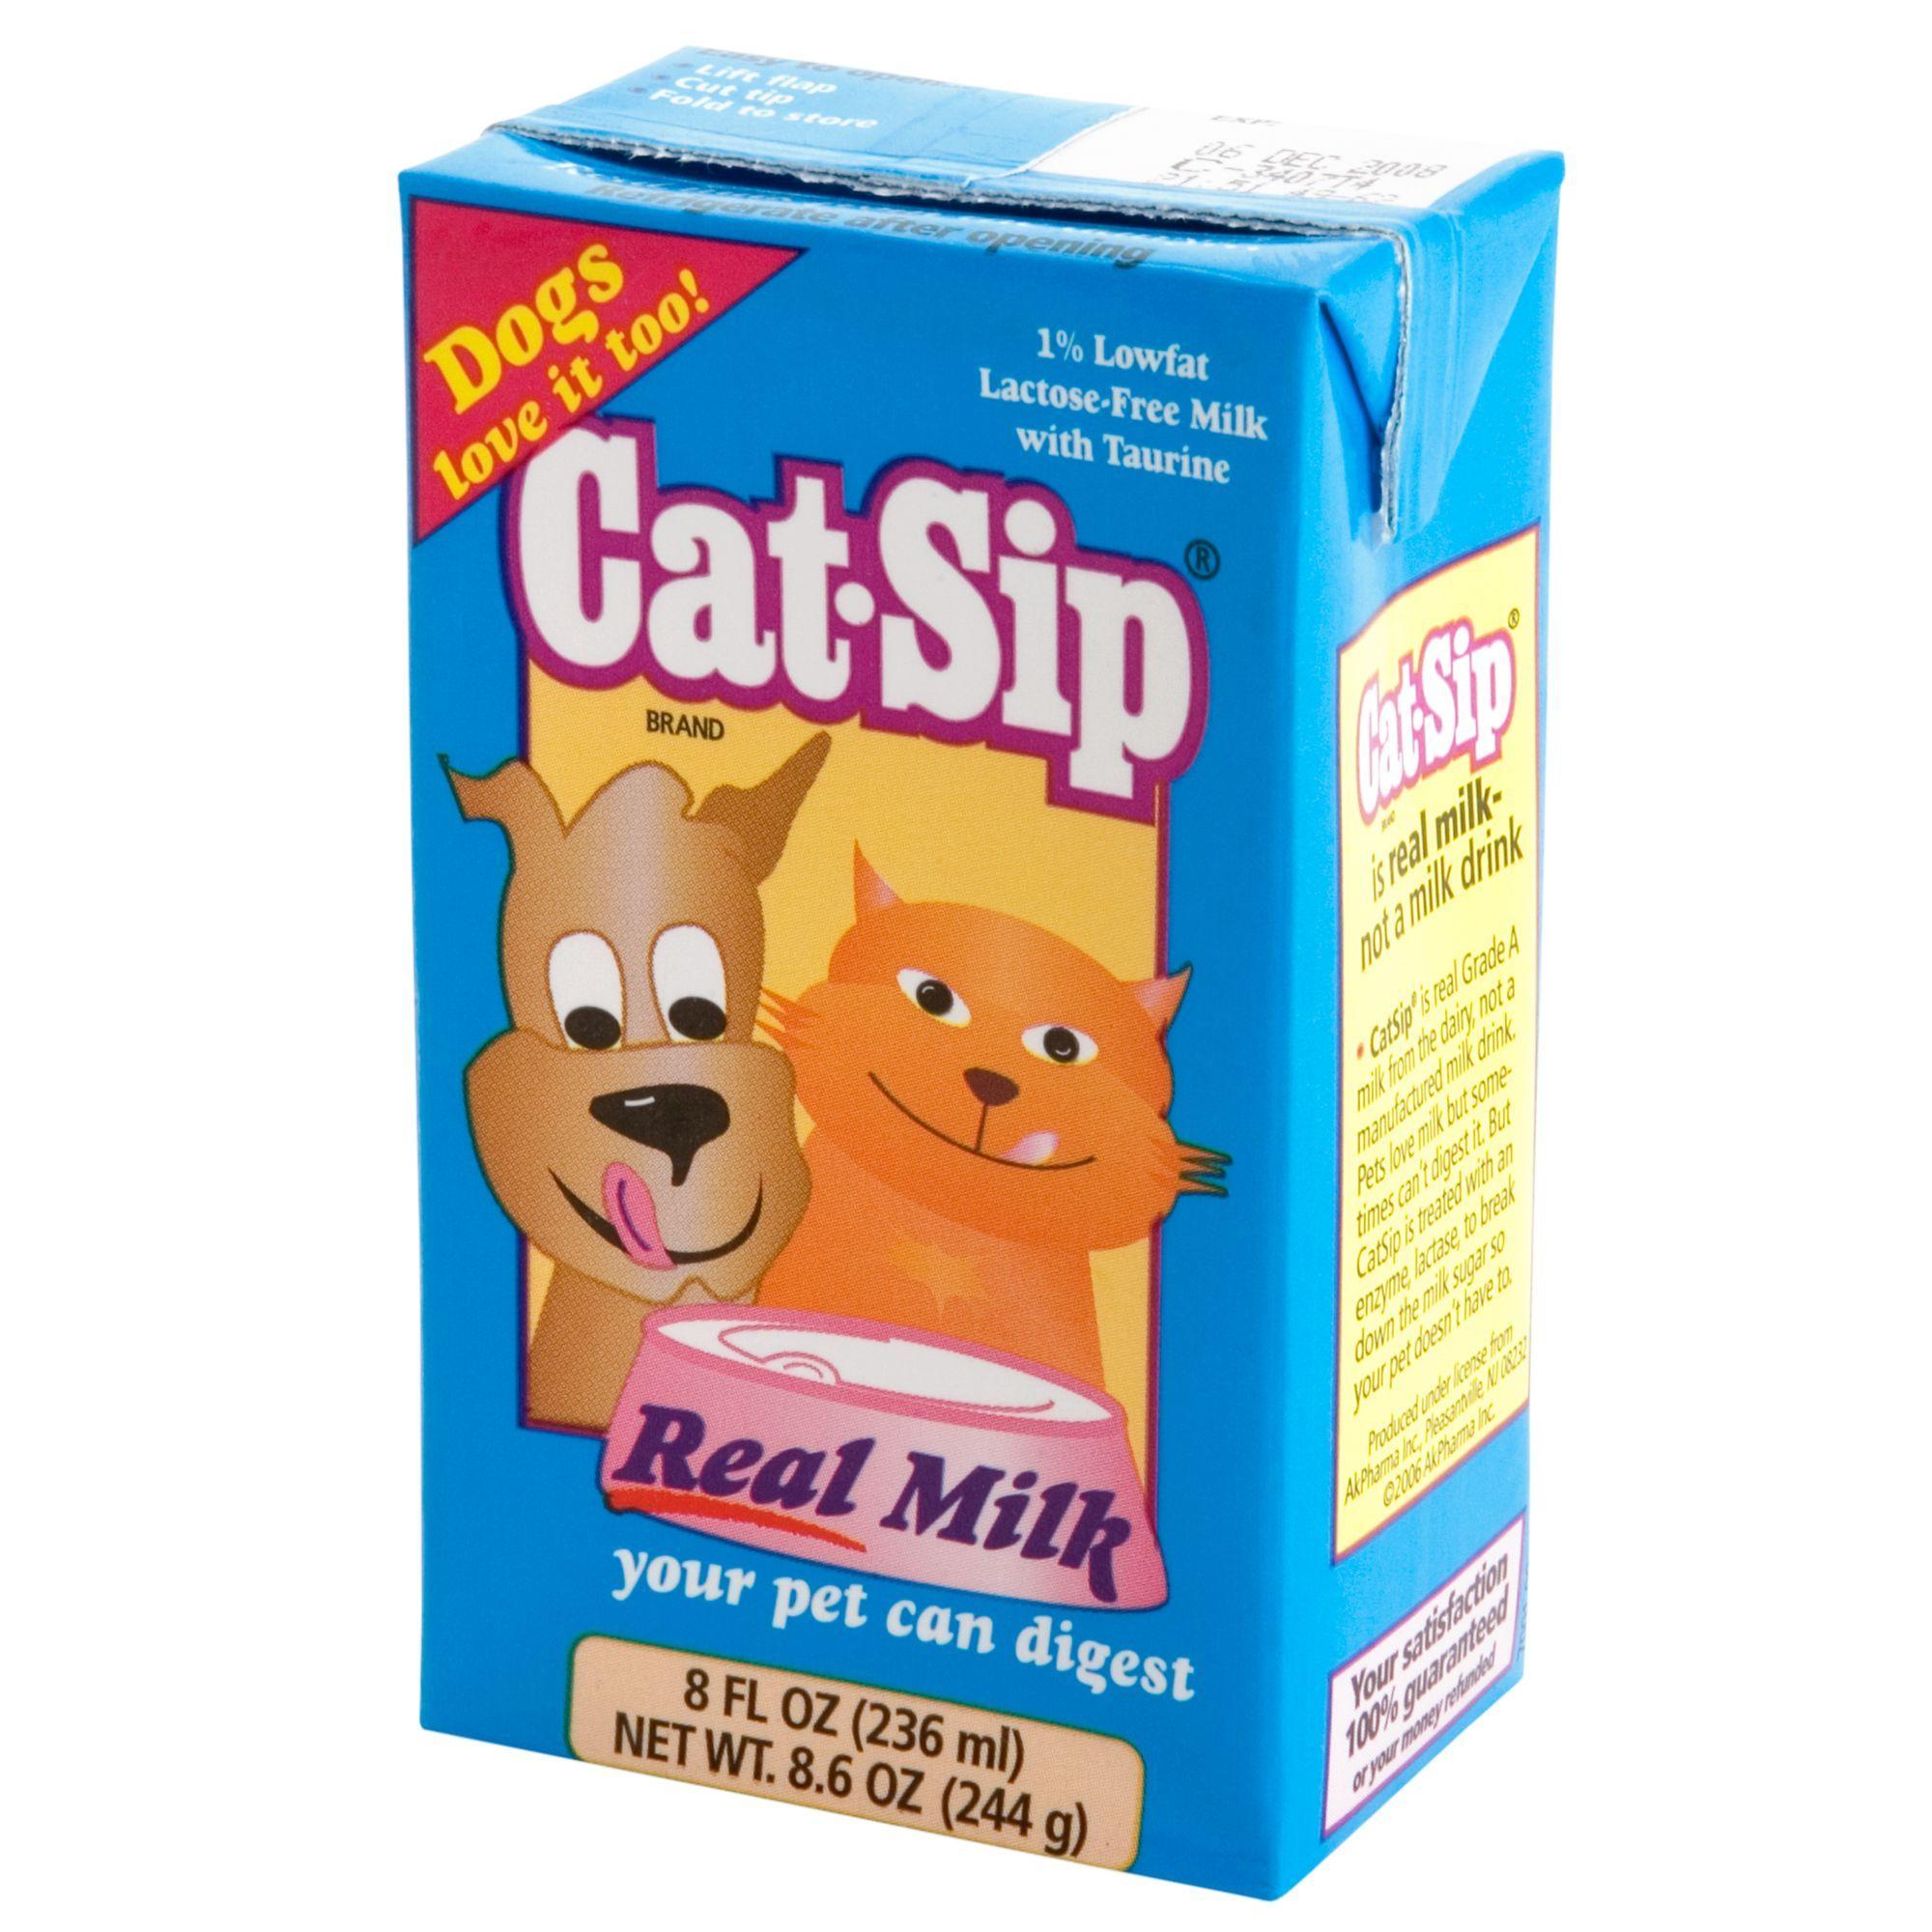 Cat-Sip Milk Cat Treat, Cat Sip, Liquid, Lowfat Milk   Milk for cats, Cat treats, Why do cats purr